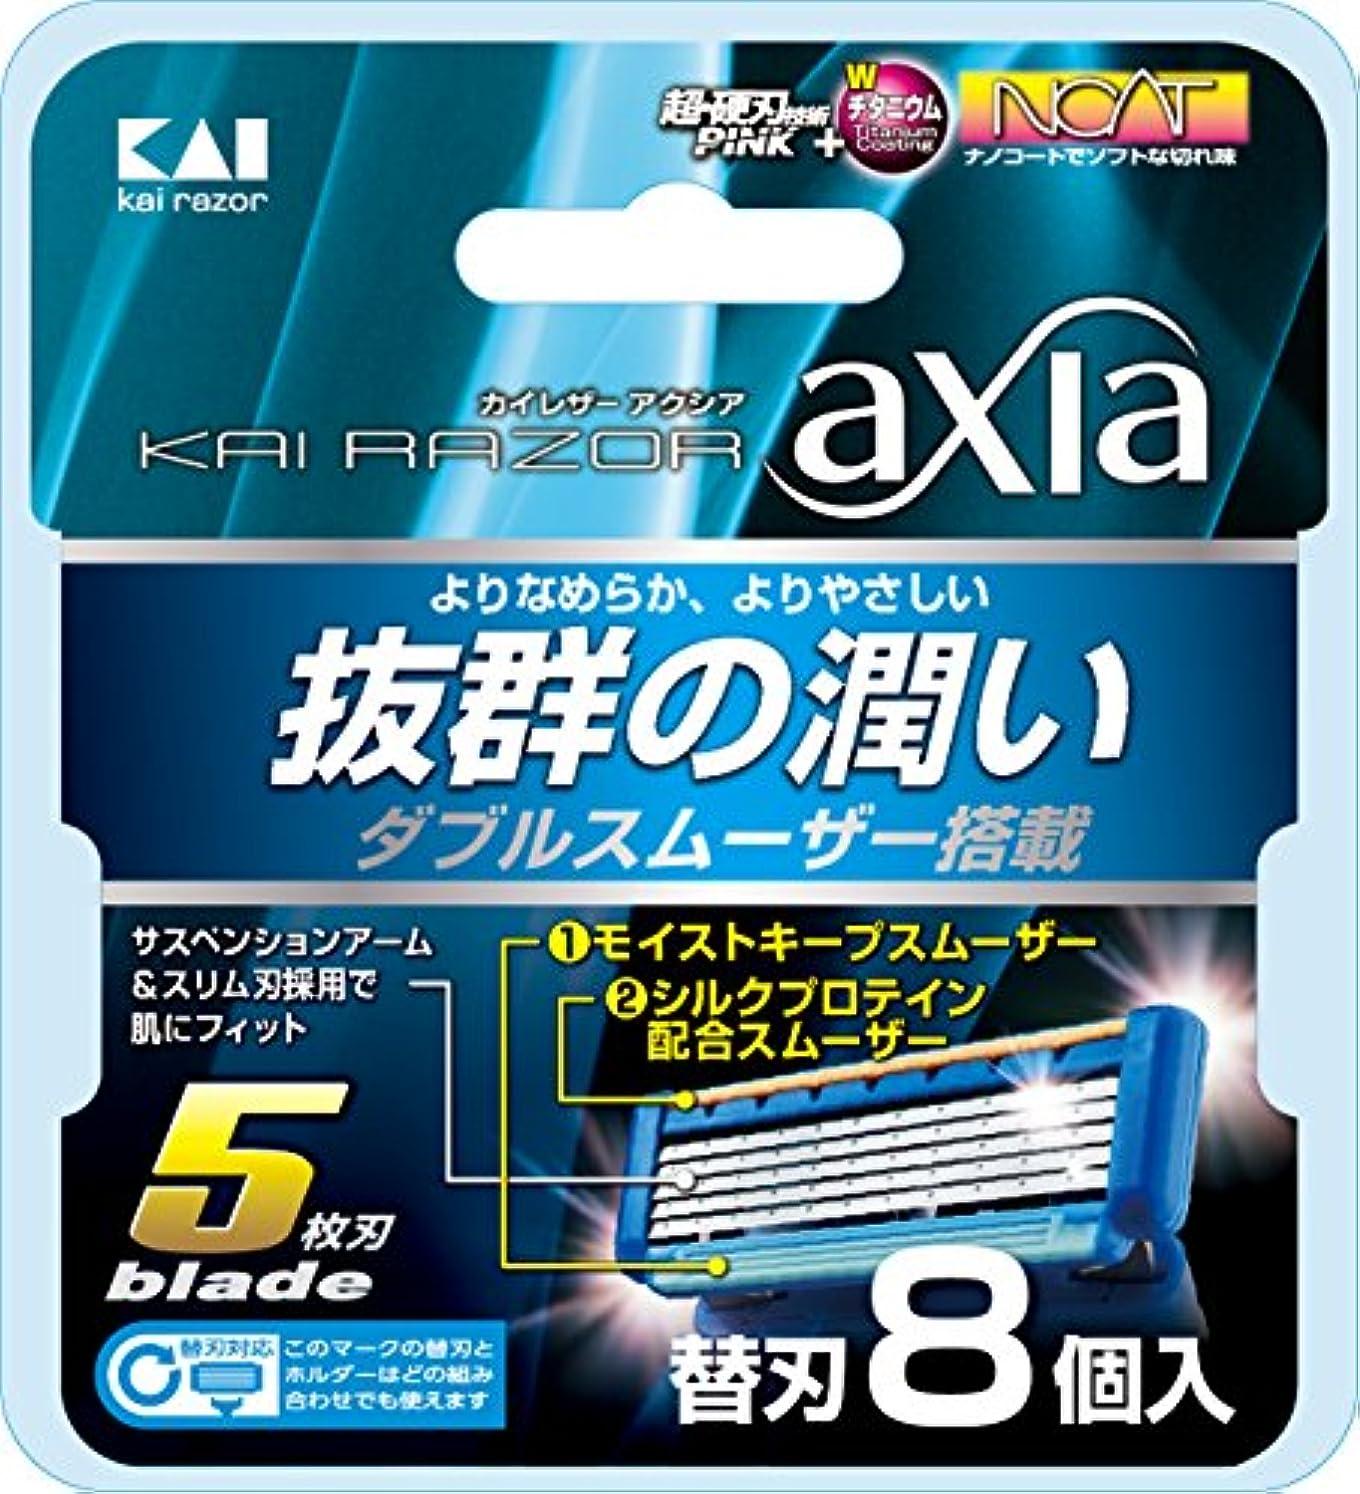 バーチャル苦痛有名人KAI RAZOR axia(カイ レザー アクシア)5枚刃 替刃 8個入